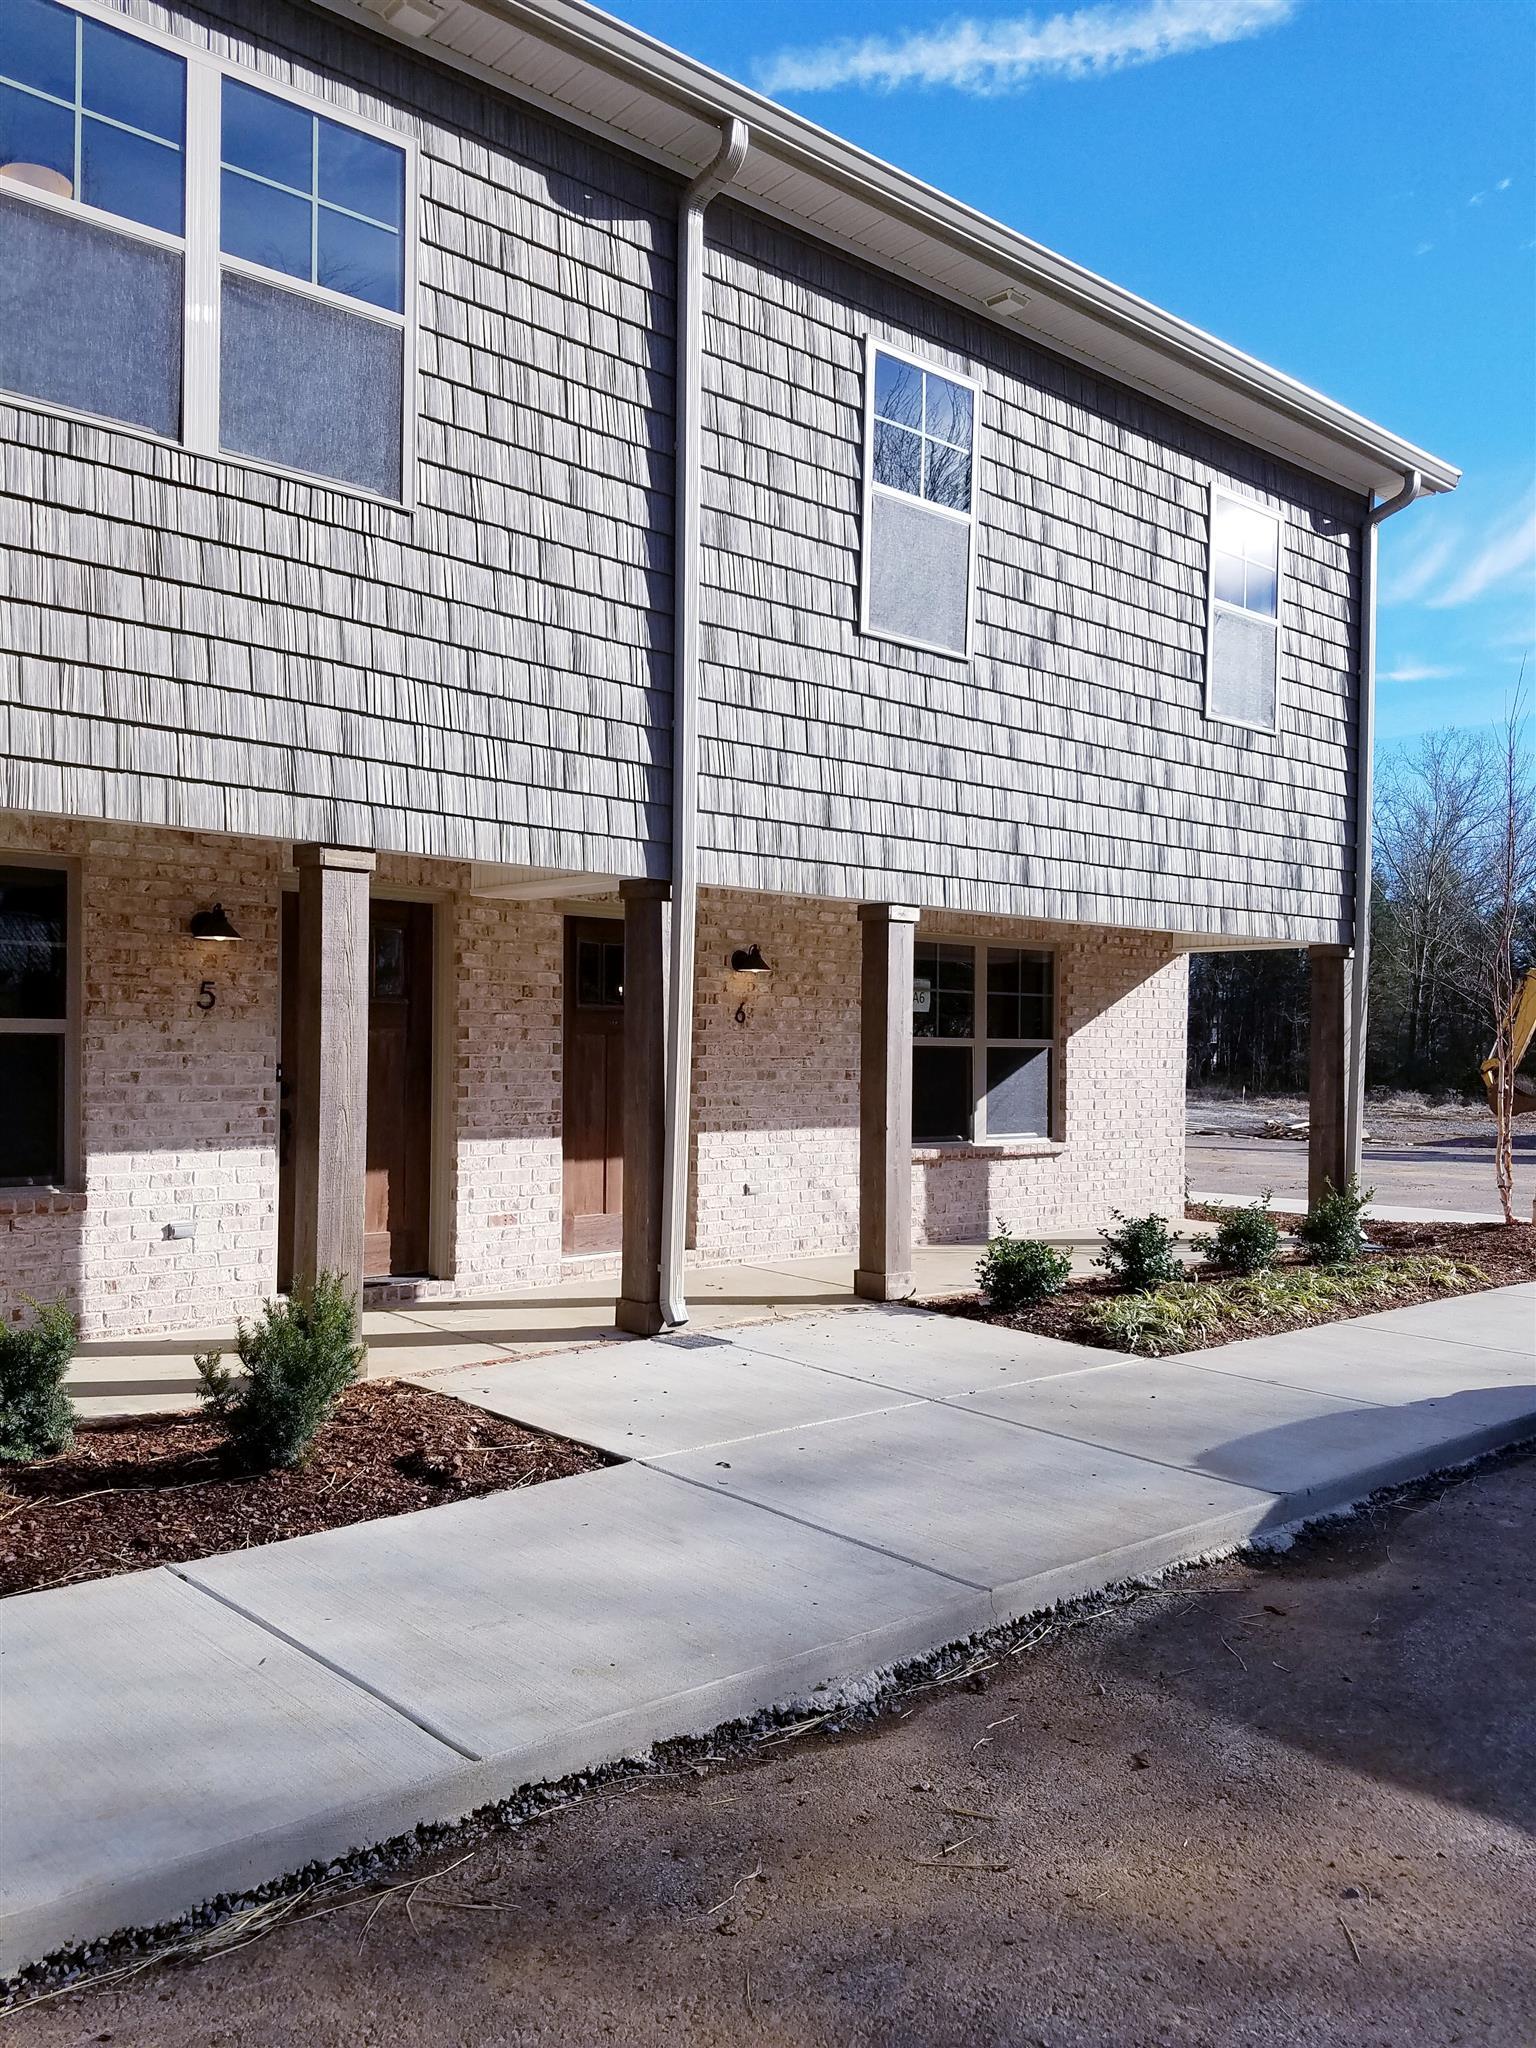 2506 E Main B6, Murfreesboro, TN 37127 - Murfreesboro, TN real estate listing